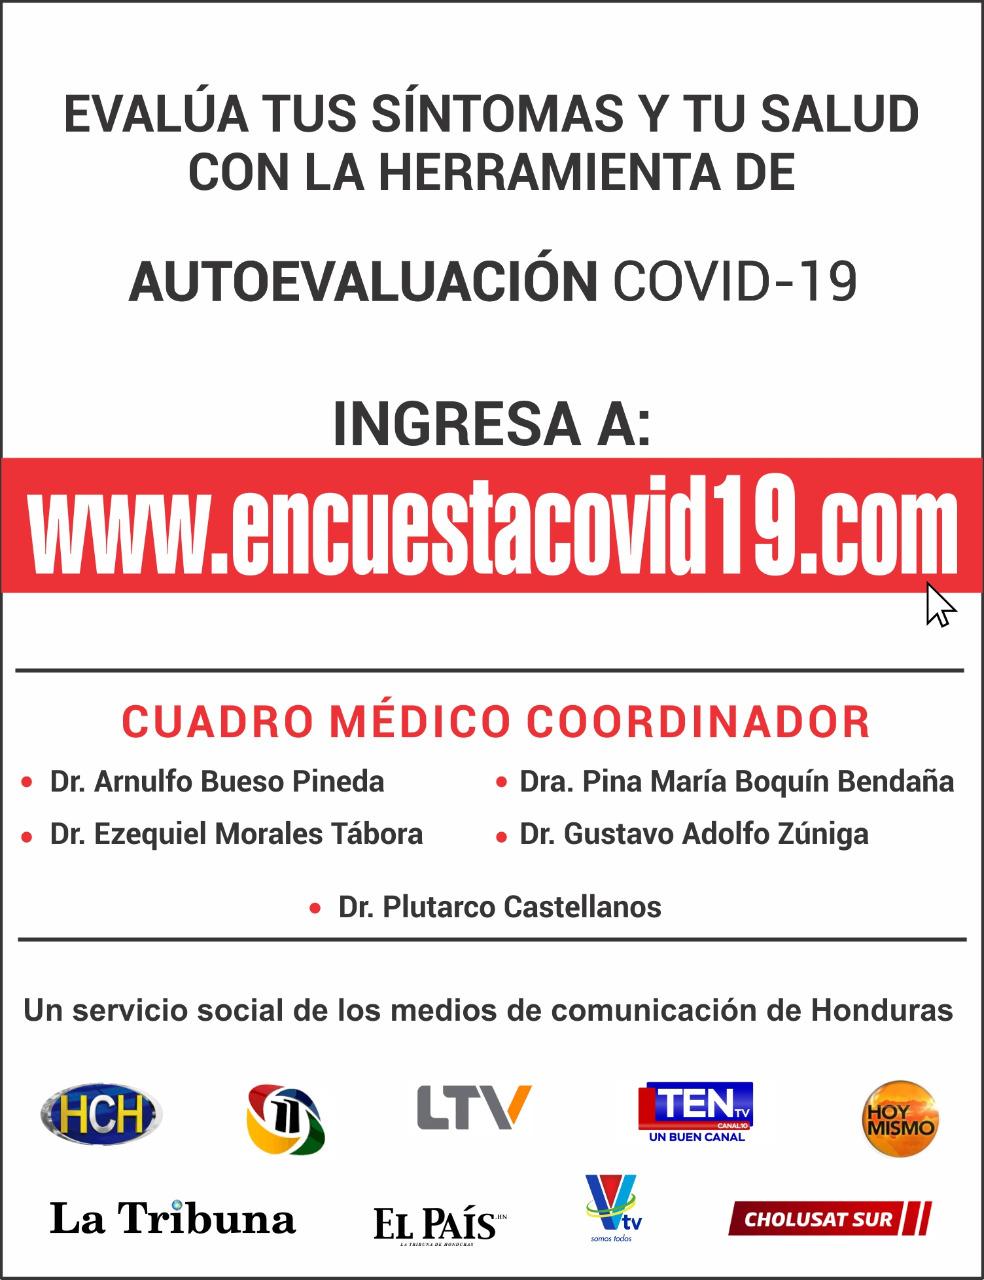 Influyentes medios ponen a disposición autoevaluación para COVID-19